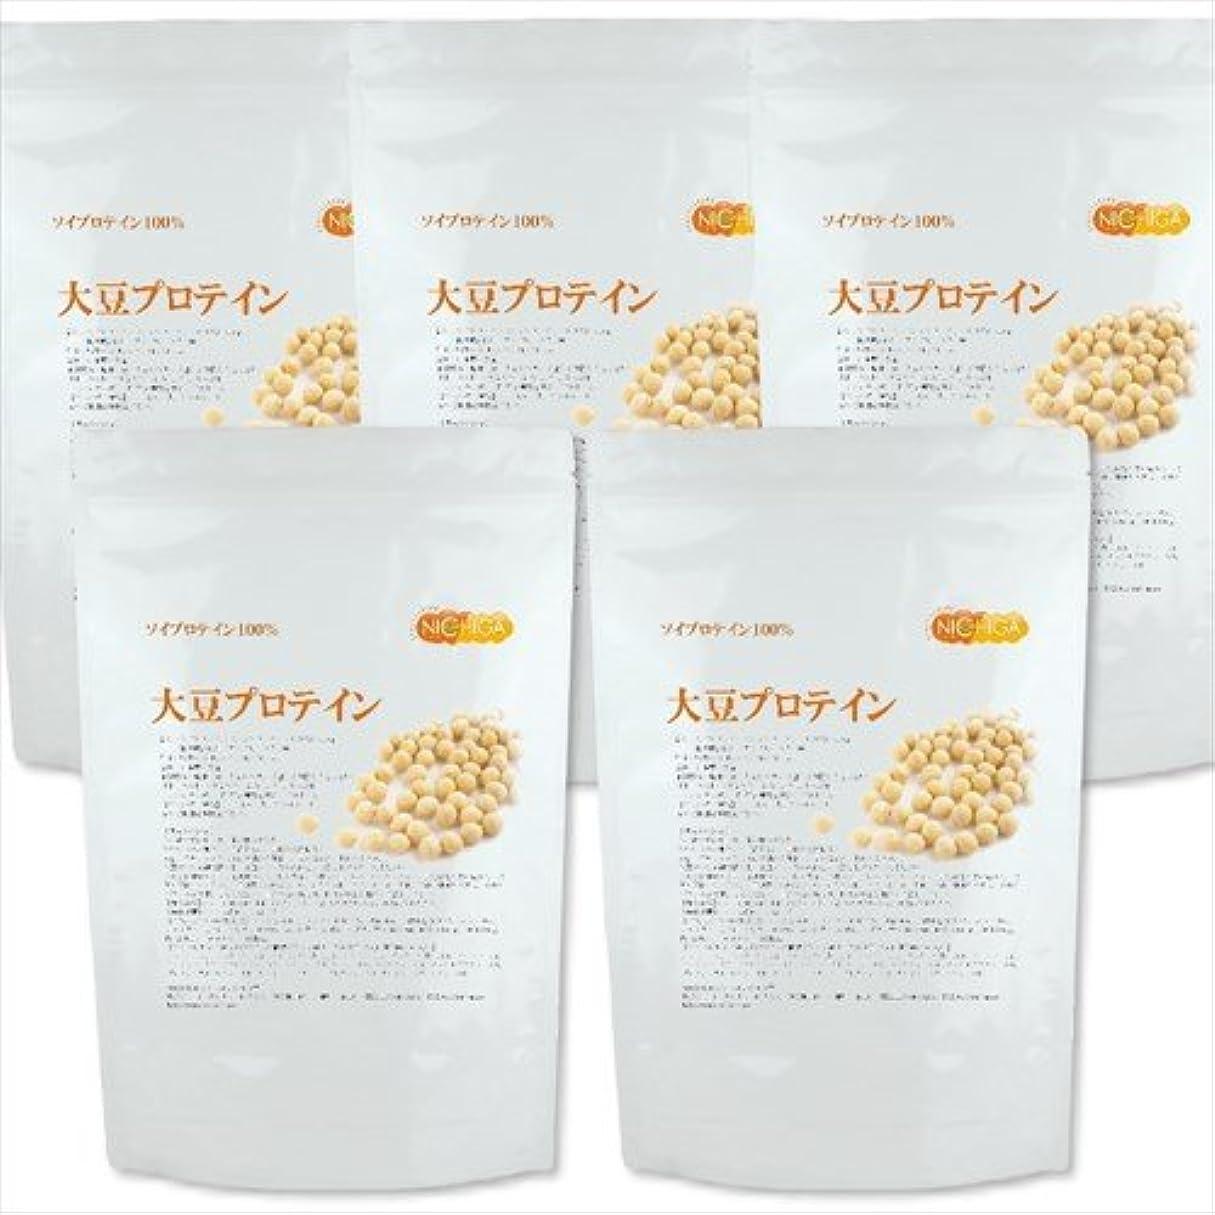 重要道を作るフェザー<New> 大豆プロテイン(国内製造)1kg×5袋 [02] NICHIGA(ニチガ) 製品のリニューアル致しました ソイプロテイン100% 遺伝子組み換え不使用大豆 新規製法採用!